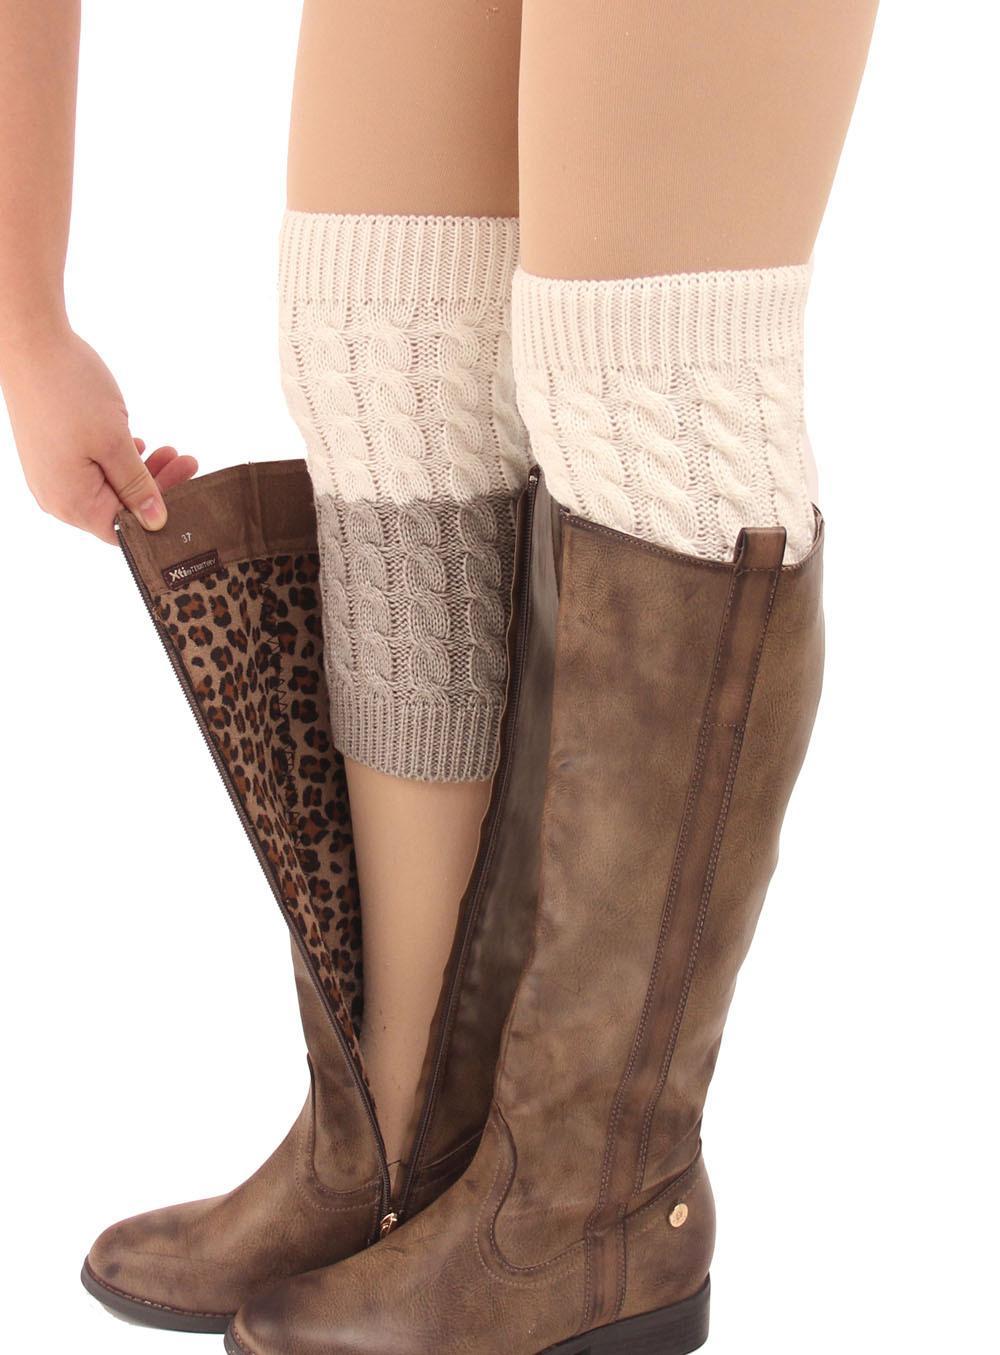 Winter Leg Warmers for Women Fashion Gaiters Boot Cuffs Women woman leg warmers for boots girls lady Women's Crochet Knitted boot socks